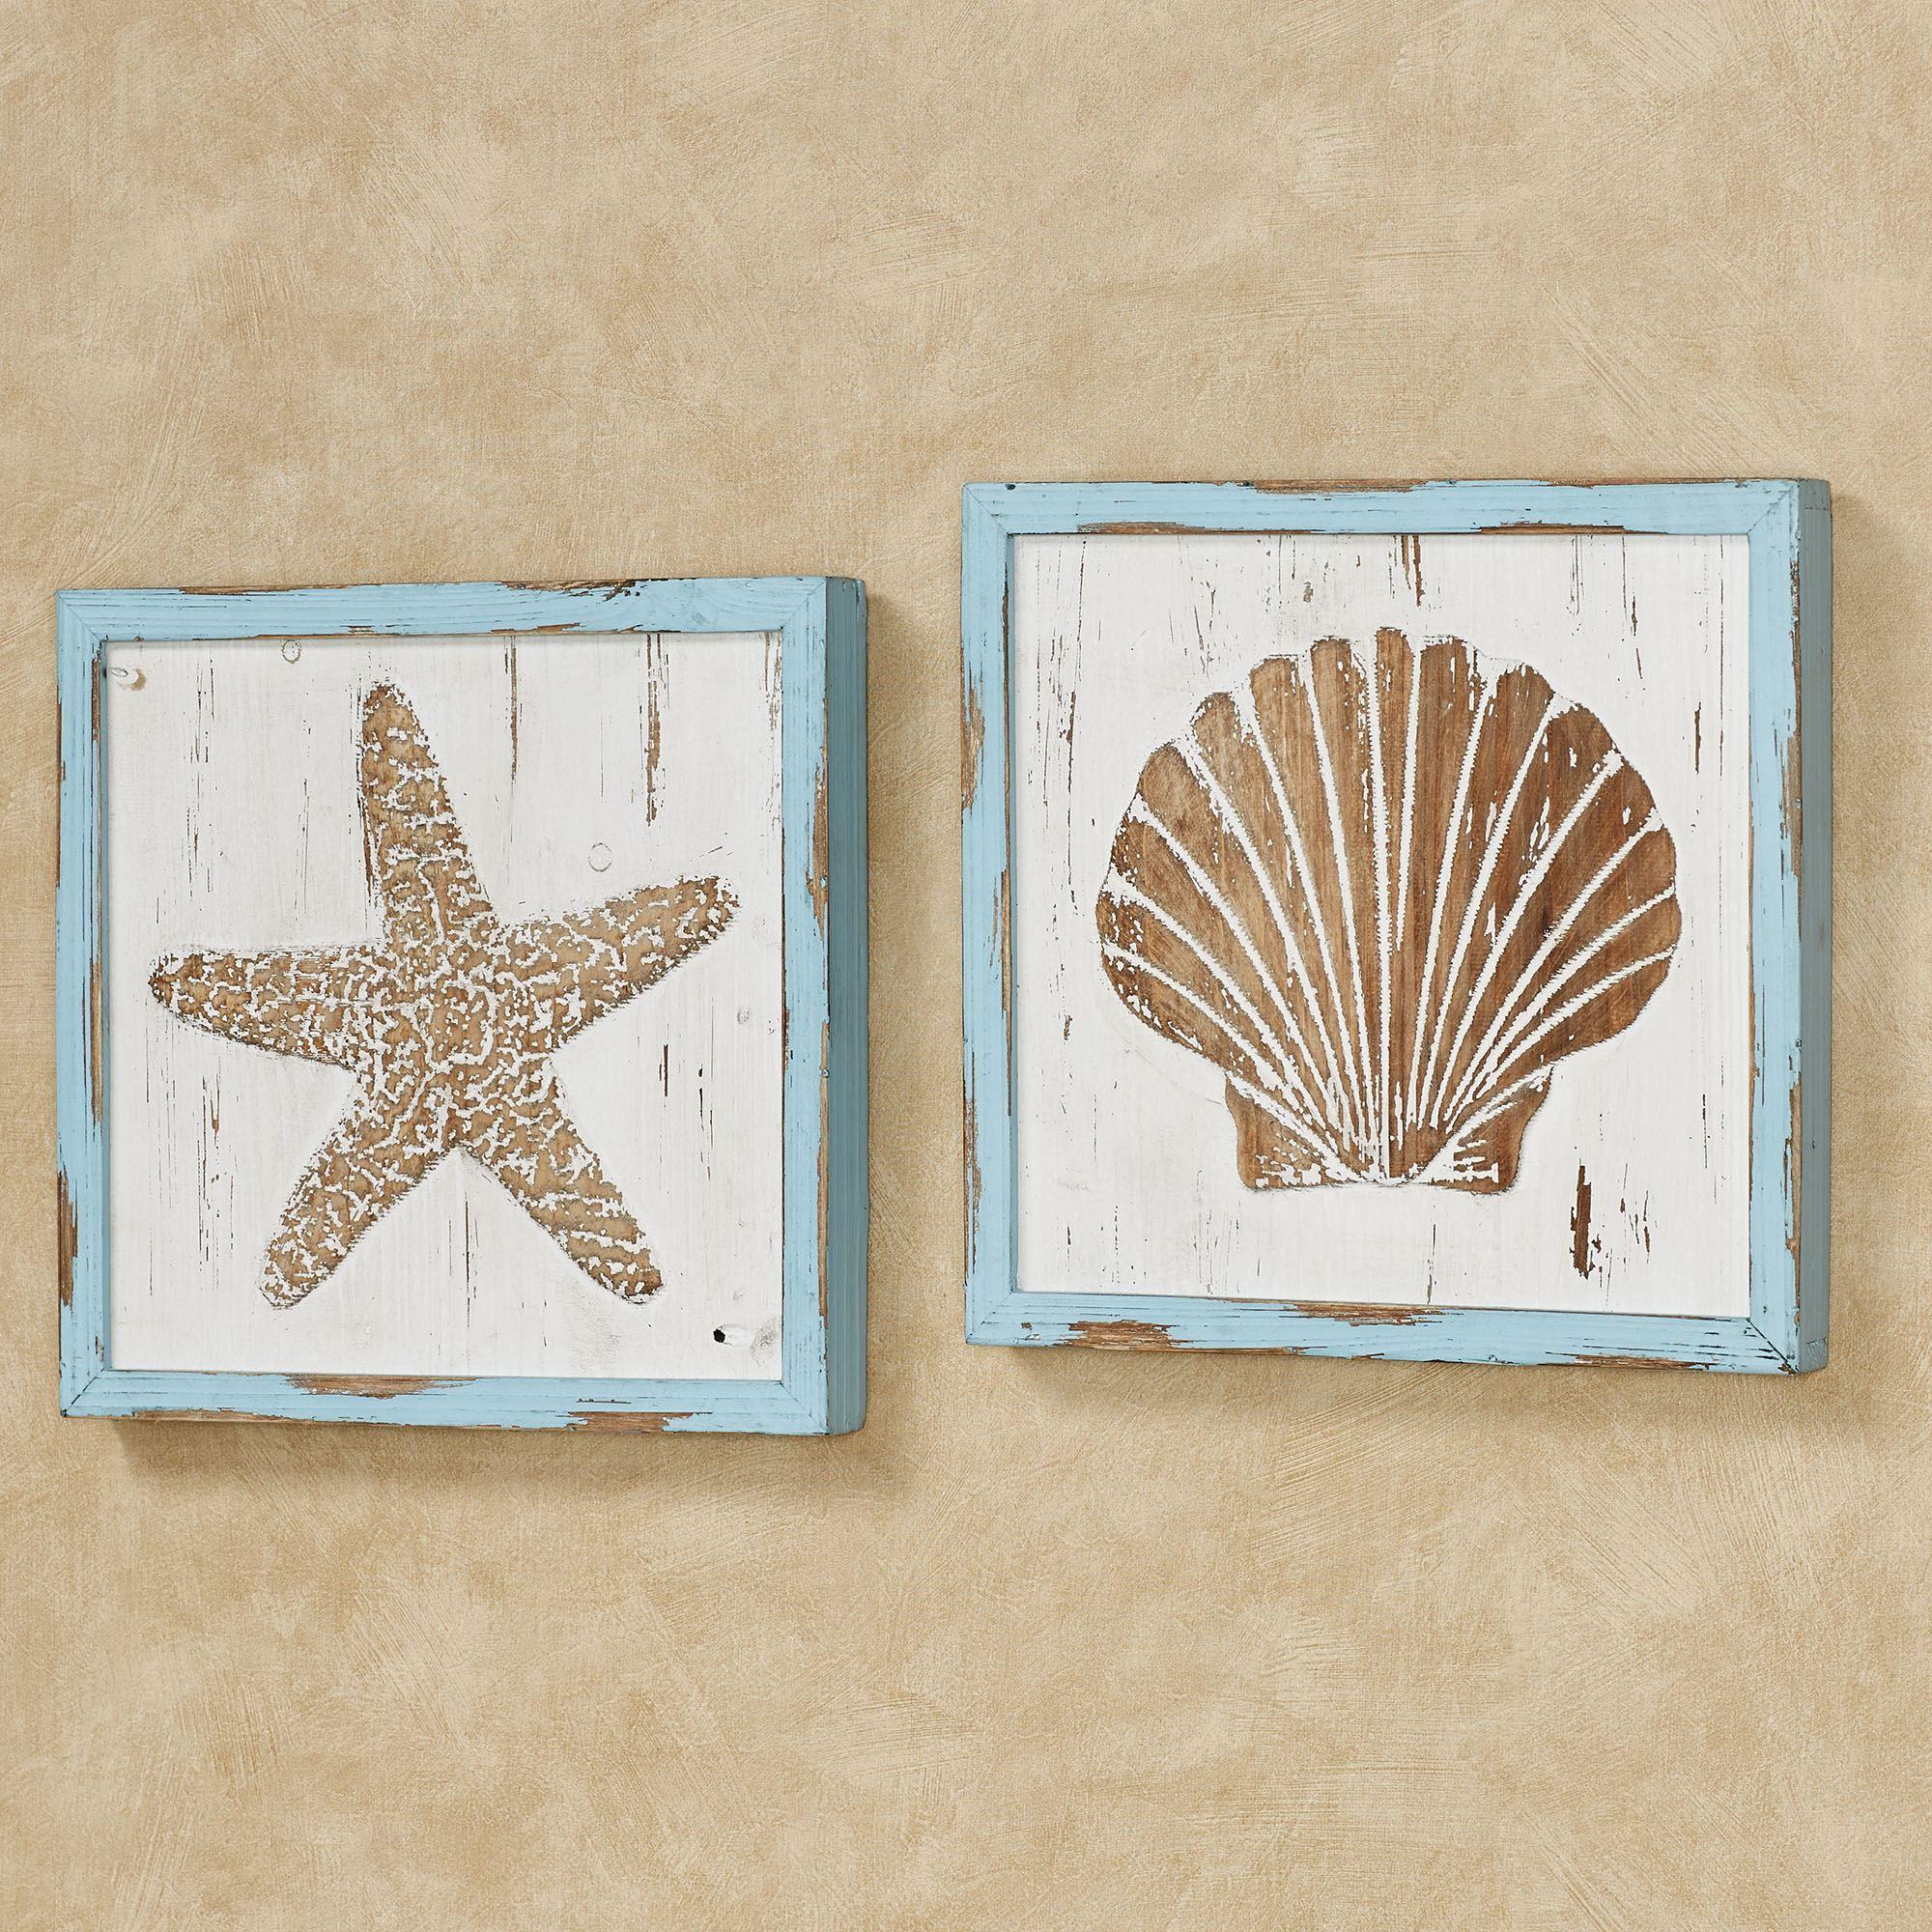 Seashore Starfish and Seashell Framed Wooden Coastal Wall ...